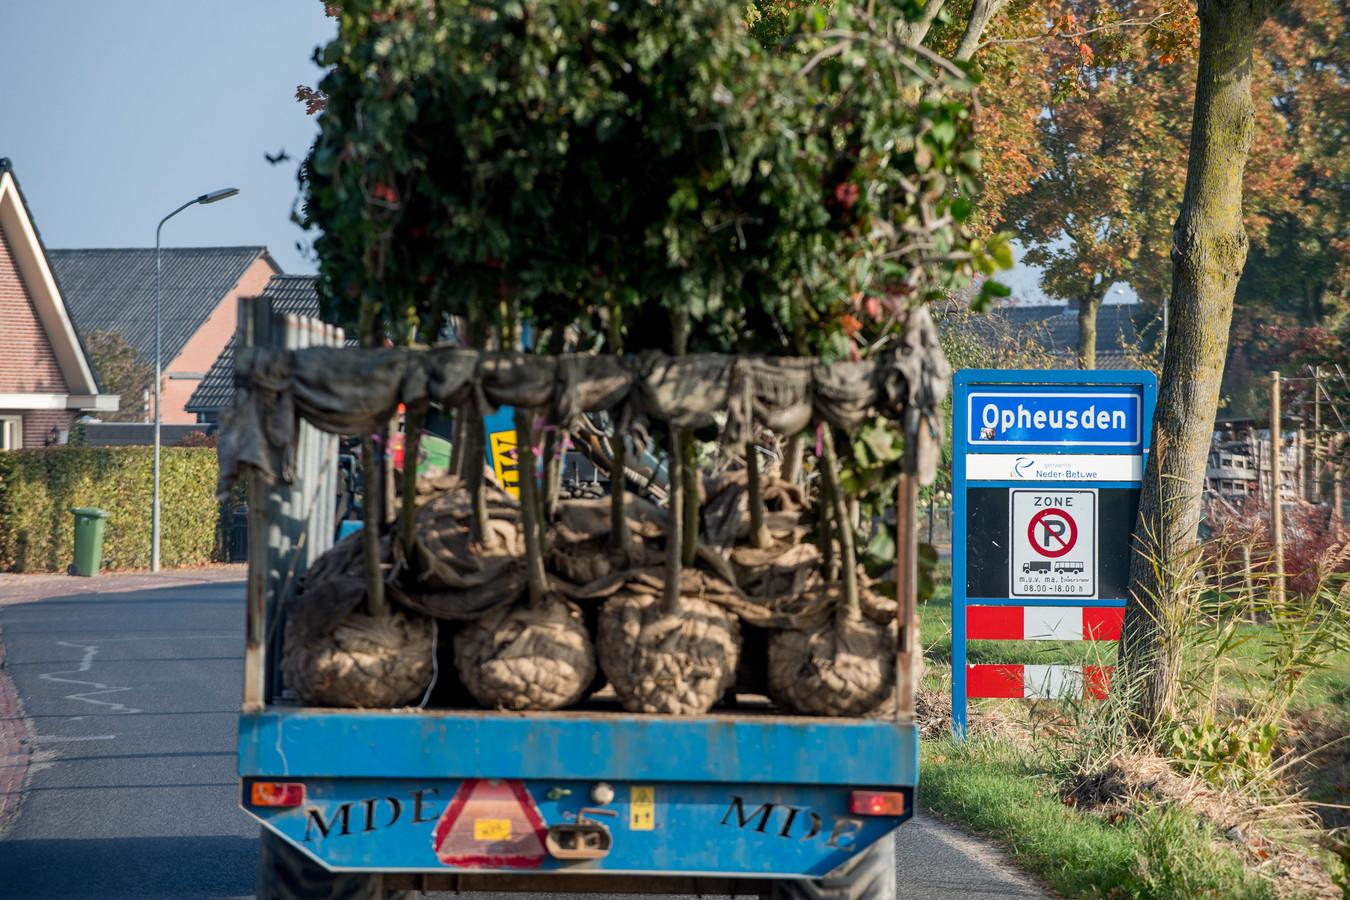 Laanbomen in Opheusden